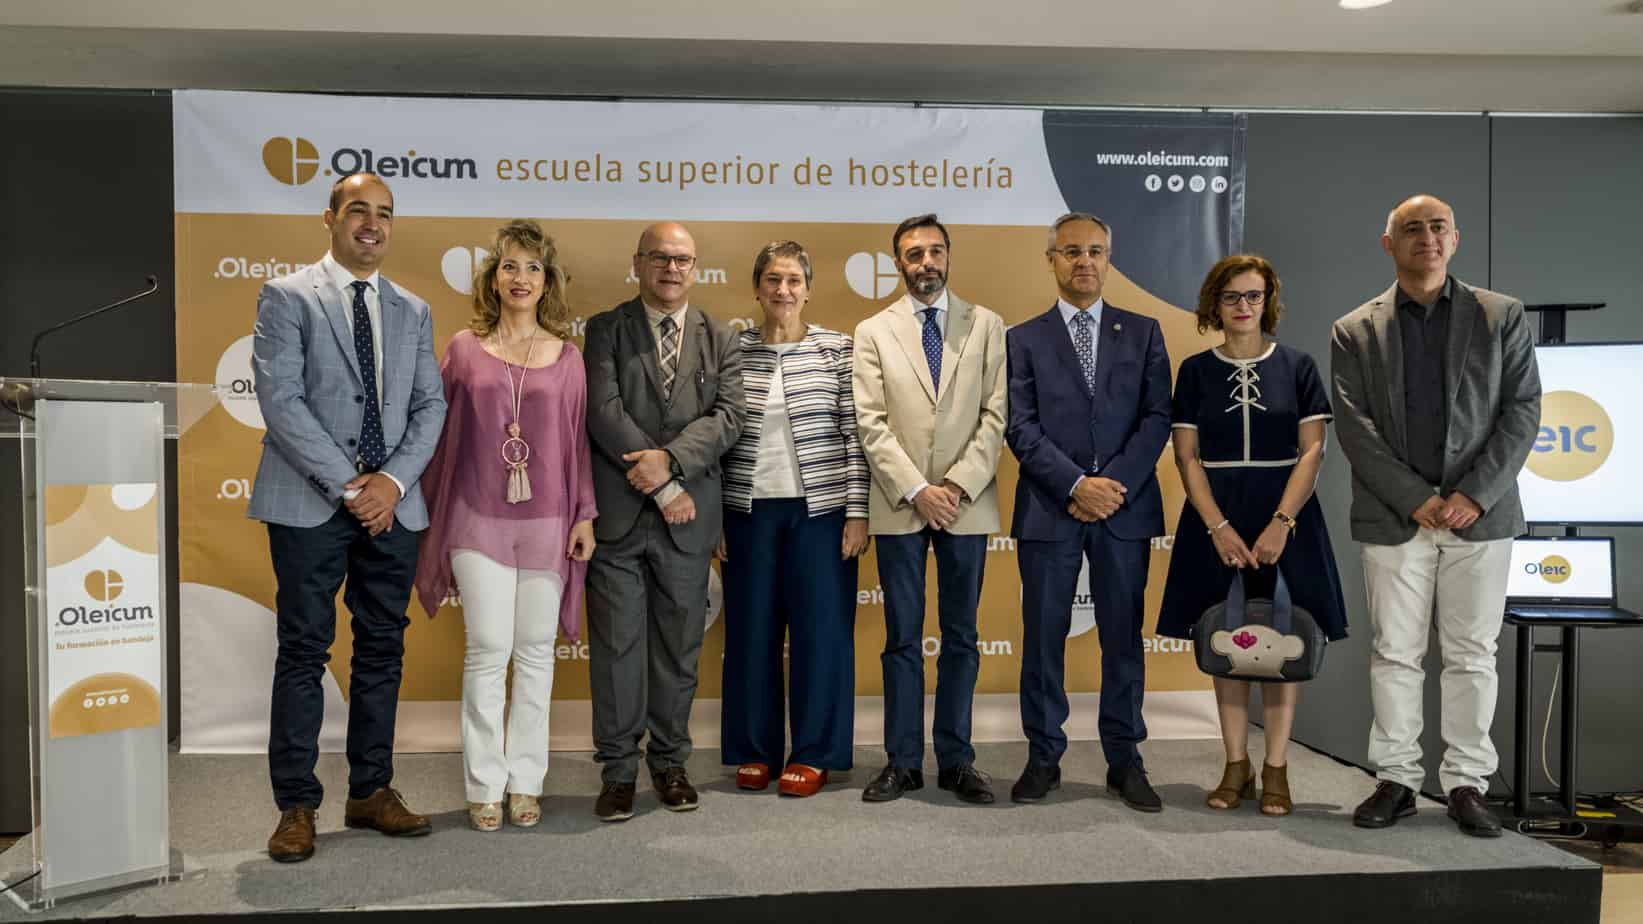 Oleicum ESH 005 - Inauguración by Tunegocioenfotos